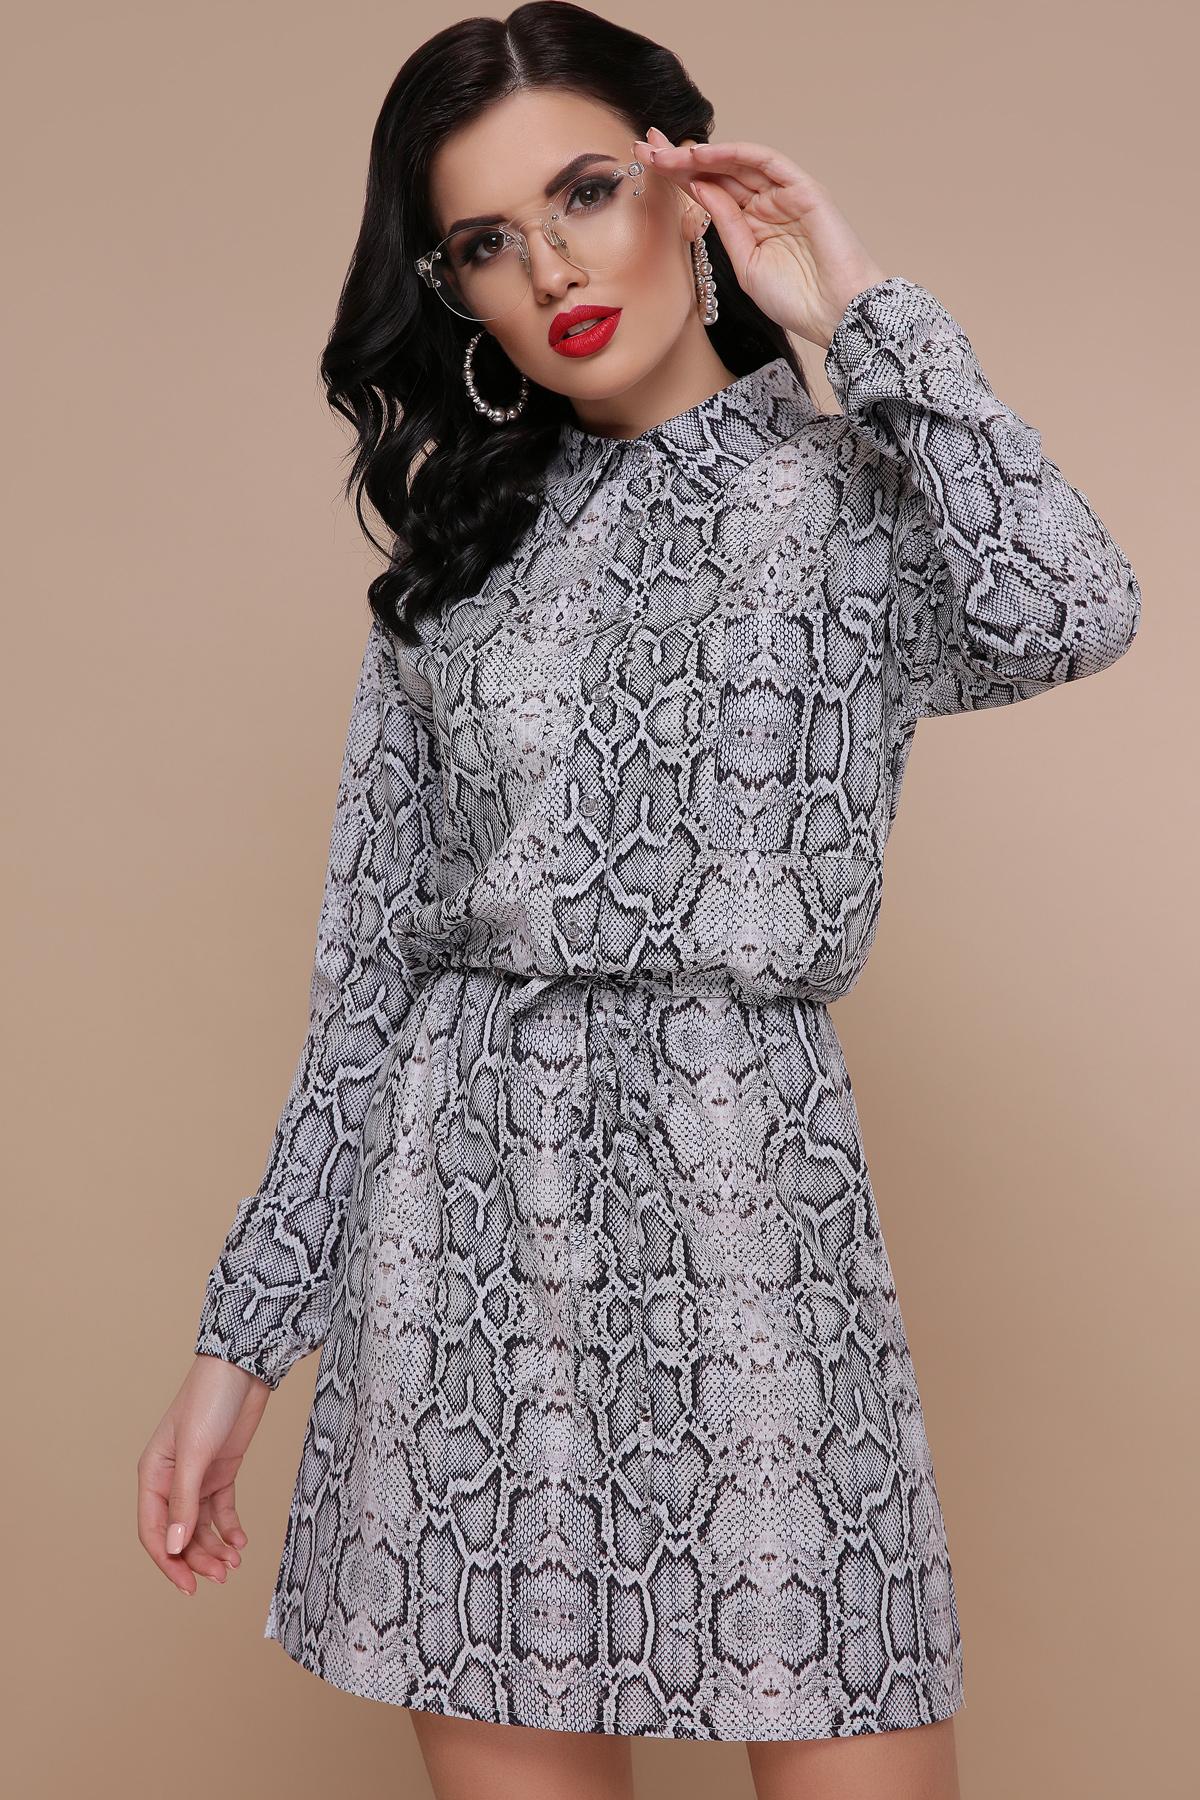 c5ace86b5ee платье рубашка с принтом питона. Питон платье Азиза д р. Цвет  принт